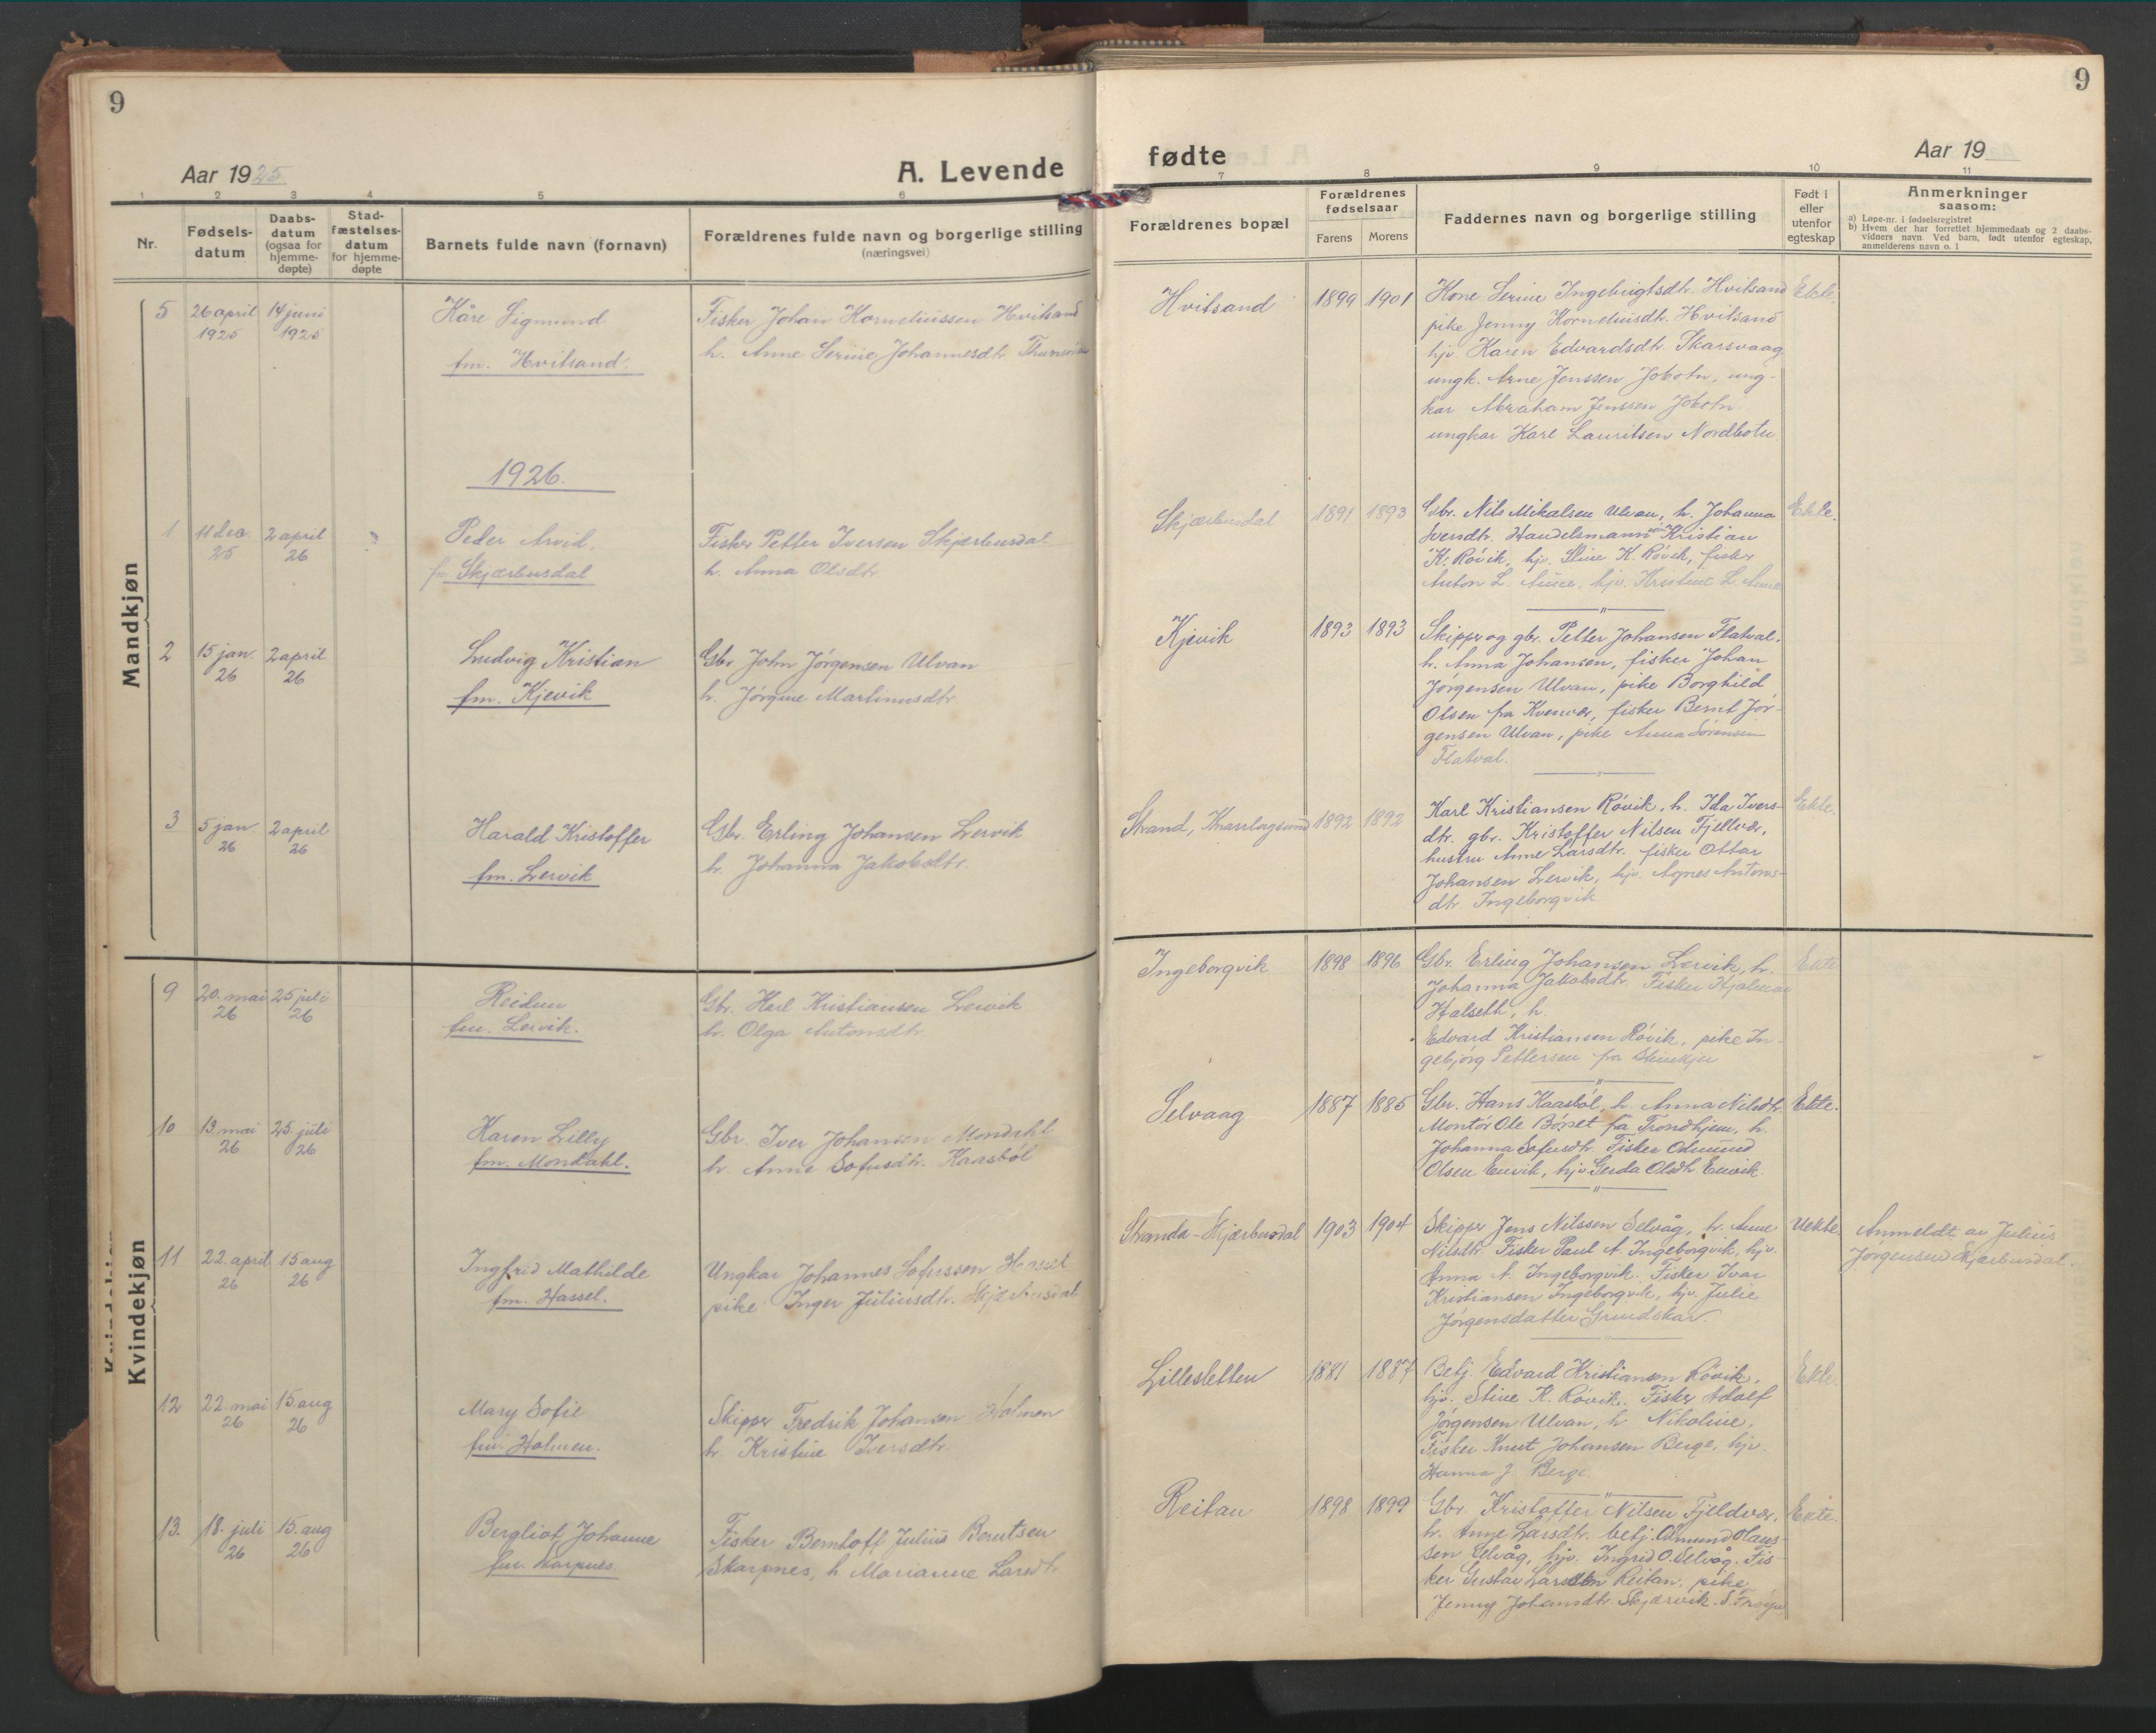 SAT, Ministerialprotokoller, klokkerbøker og fødselsregistre - Sør-Trøndelag, 638/L0569: Klokkerbok nr. 638C01, 1923-1961, s. 9